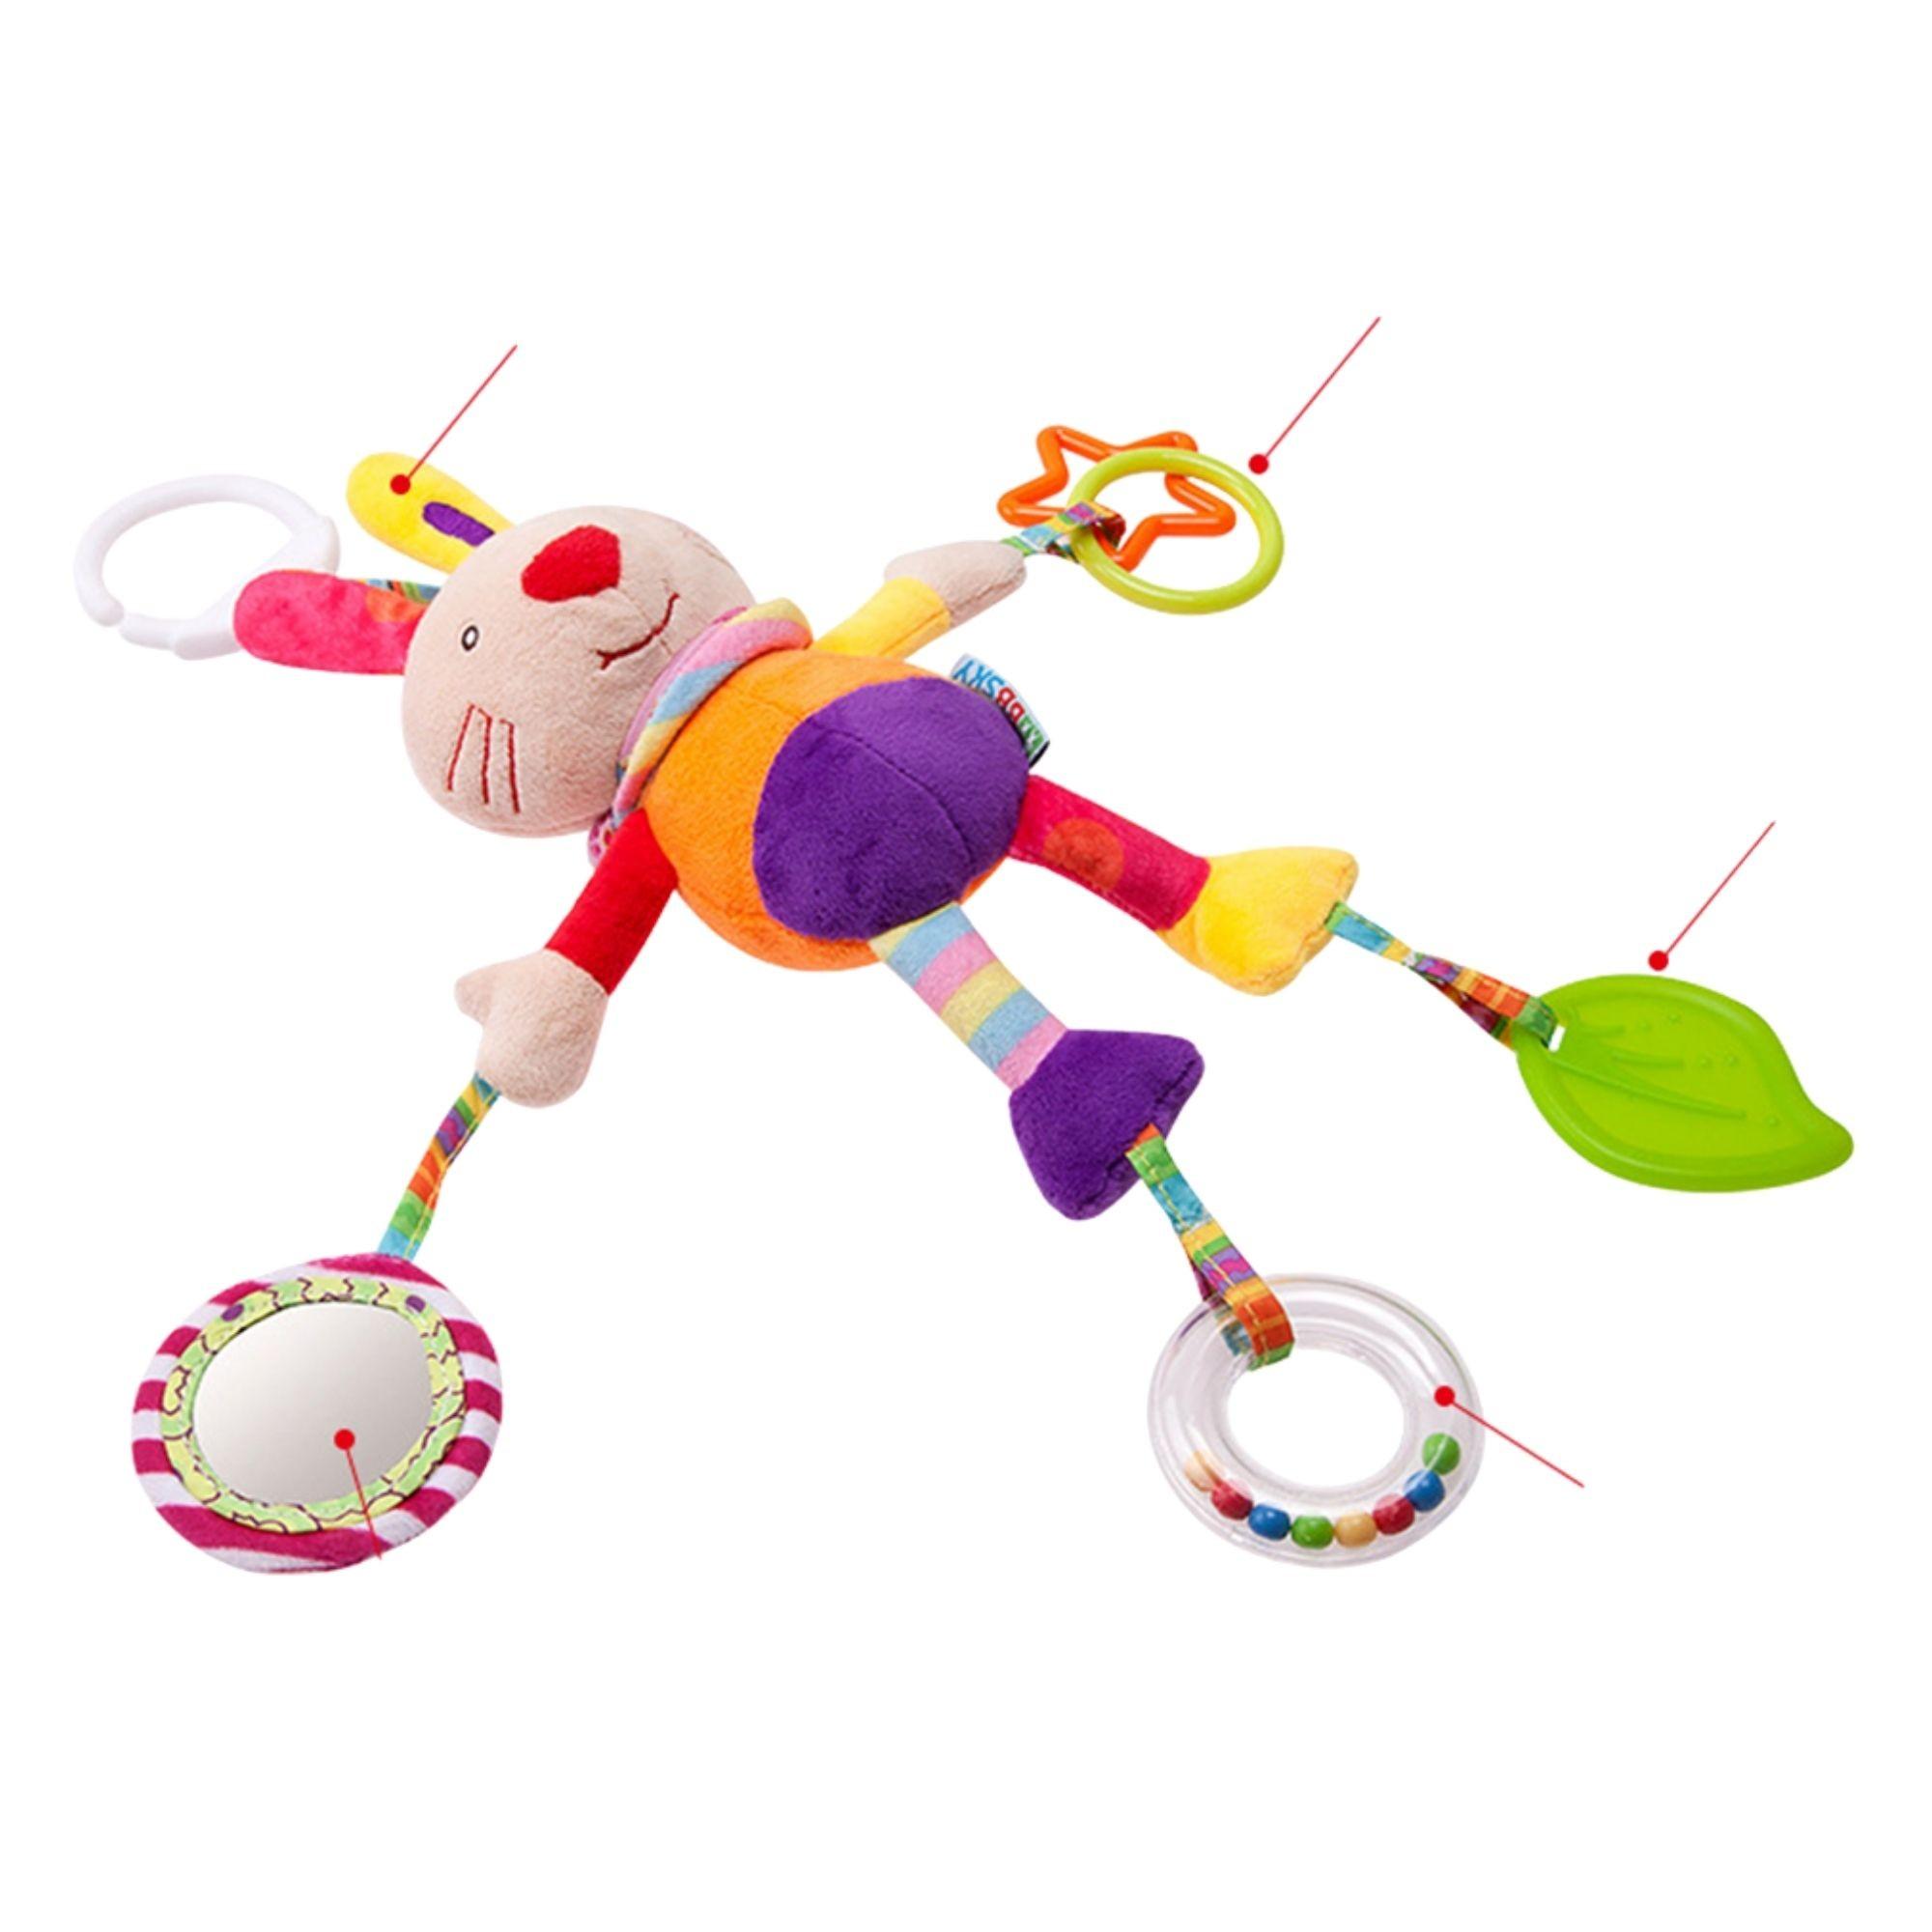 Brinquedo para Bebê Chocalho Mordedor Móbile Coelhinho   - Game Land Brinquedos